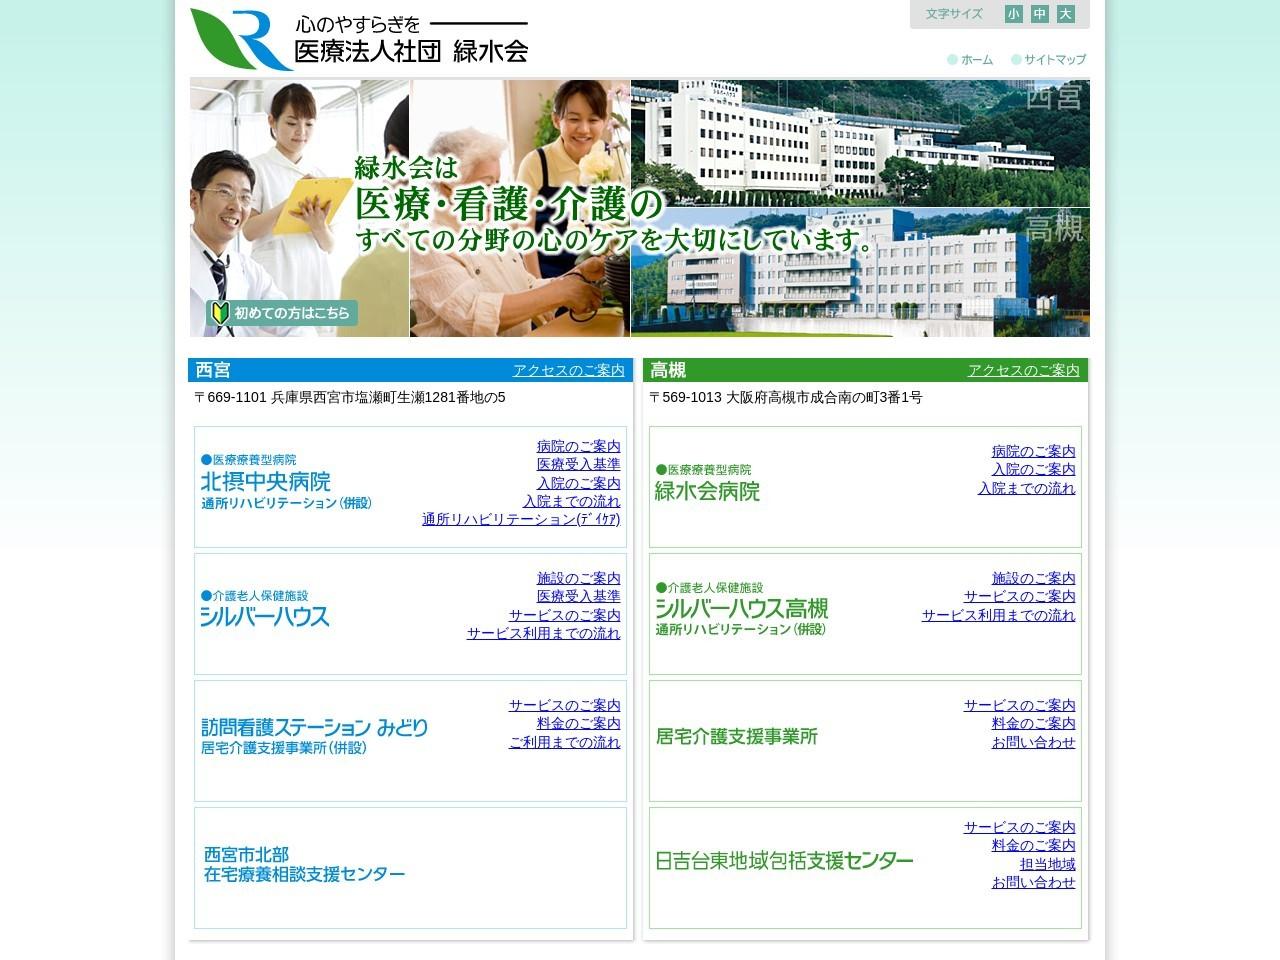 医療法人 緑水会ホームページ